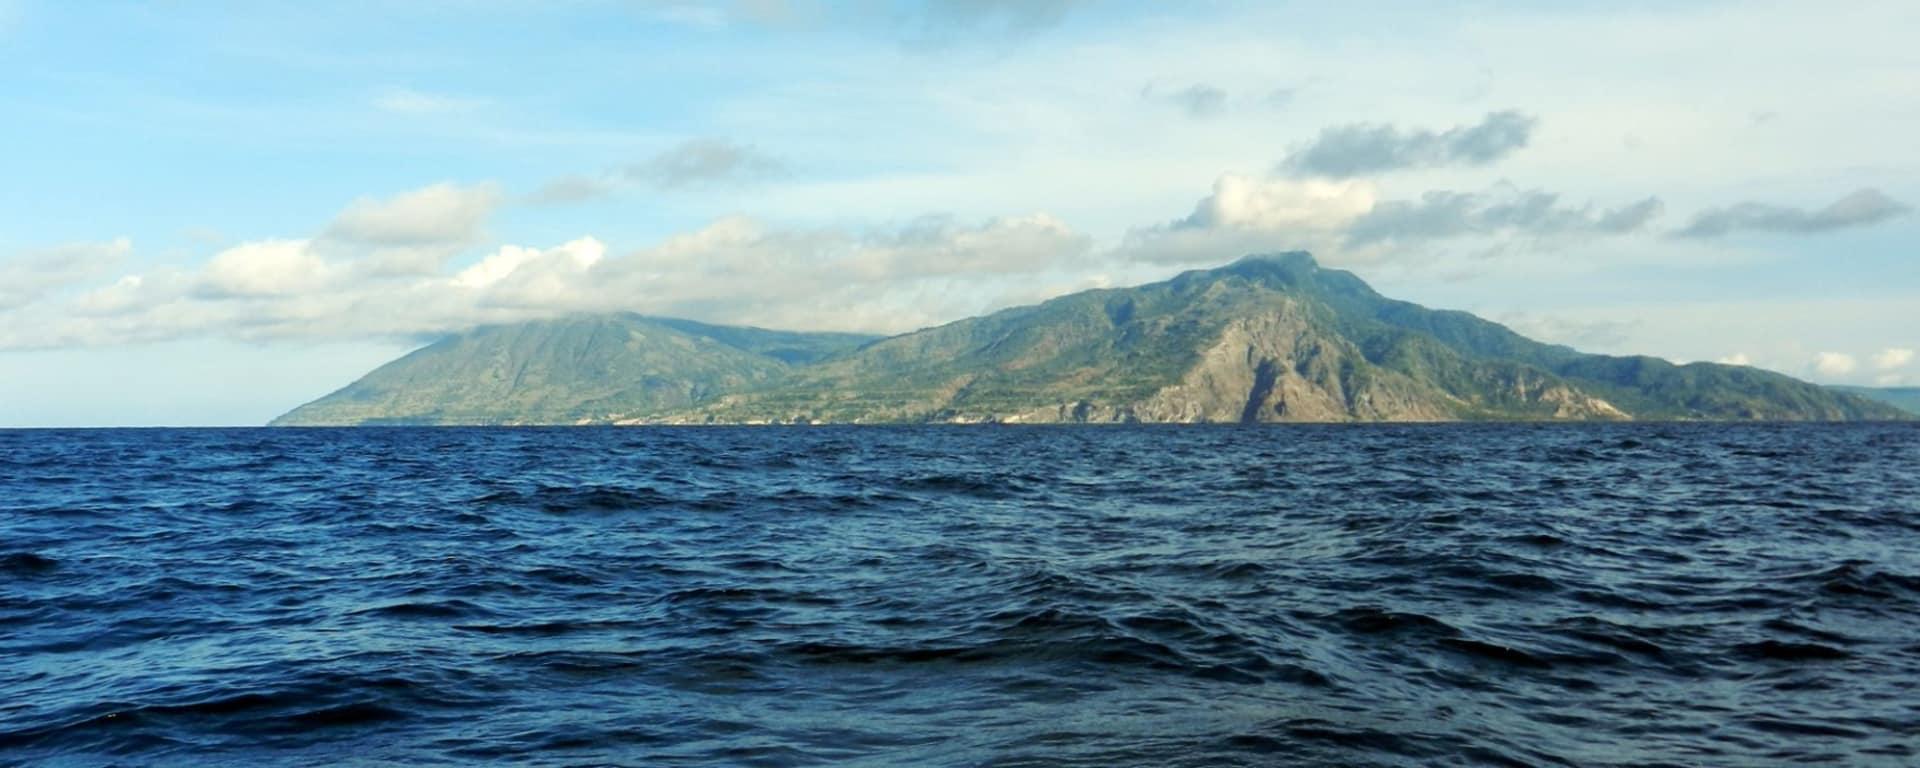 Le paradis inconnu du Timor-Leste de Dili: Atauro Island: